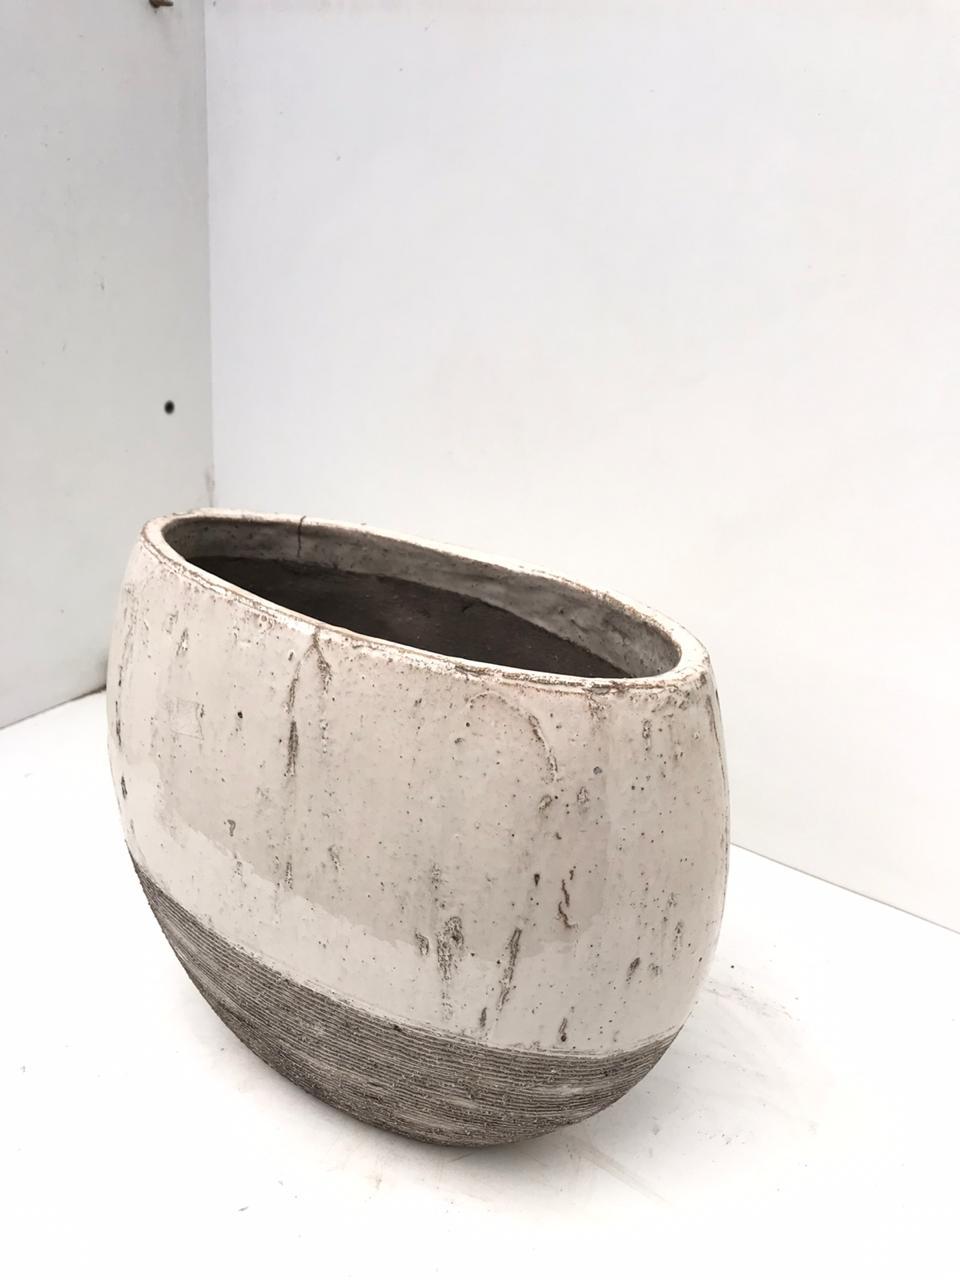 Planter Femme Ivoor Pots & Vases Ceramic Pots